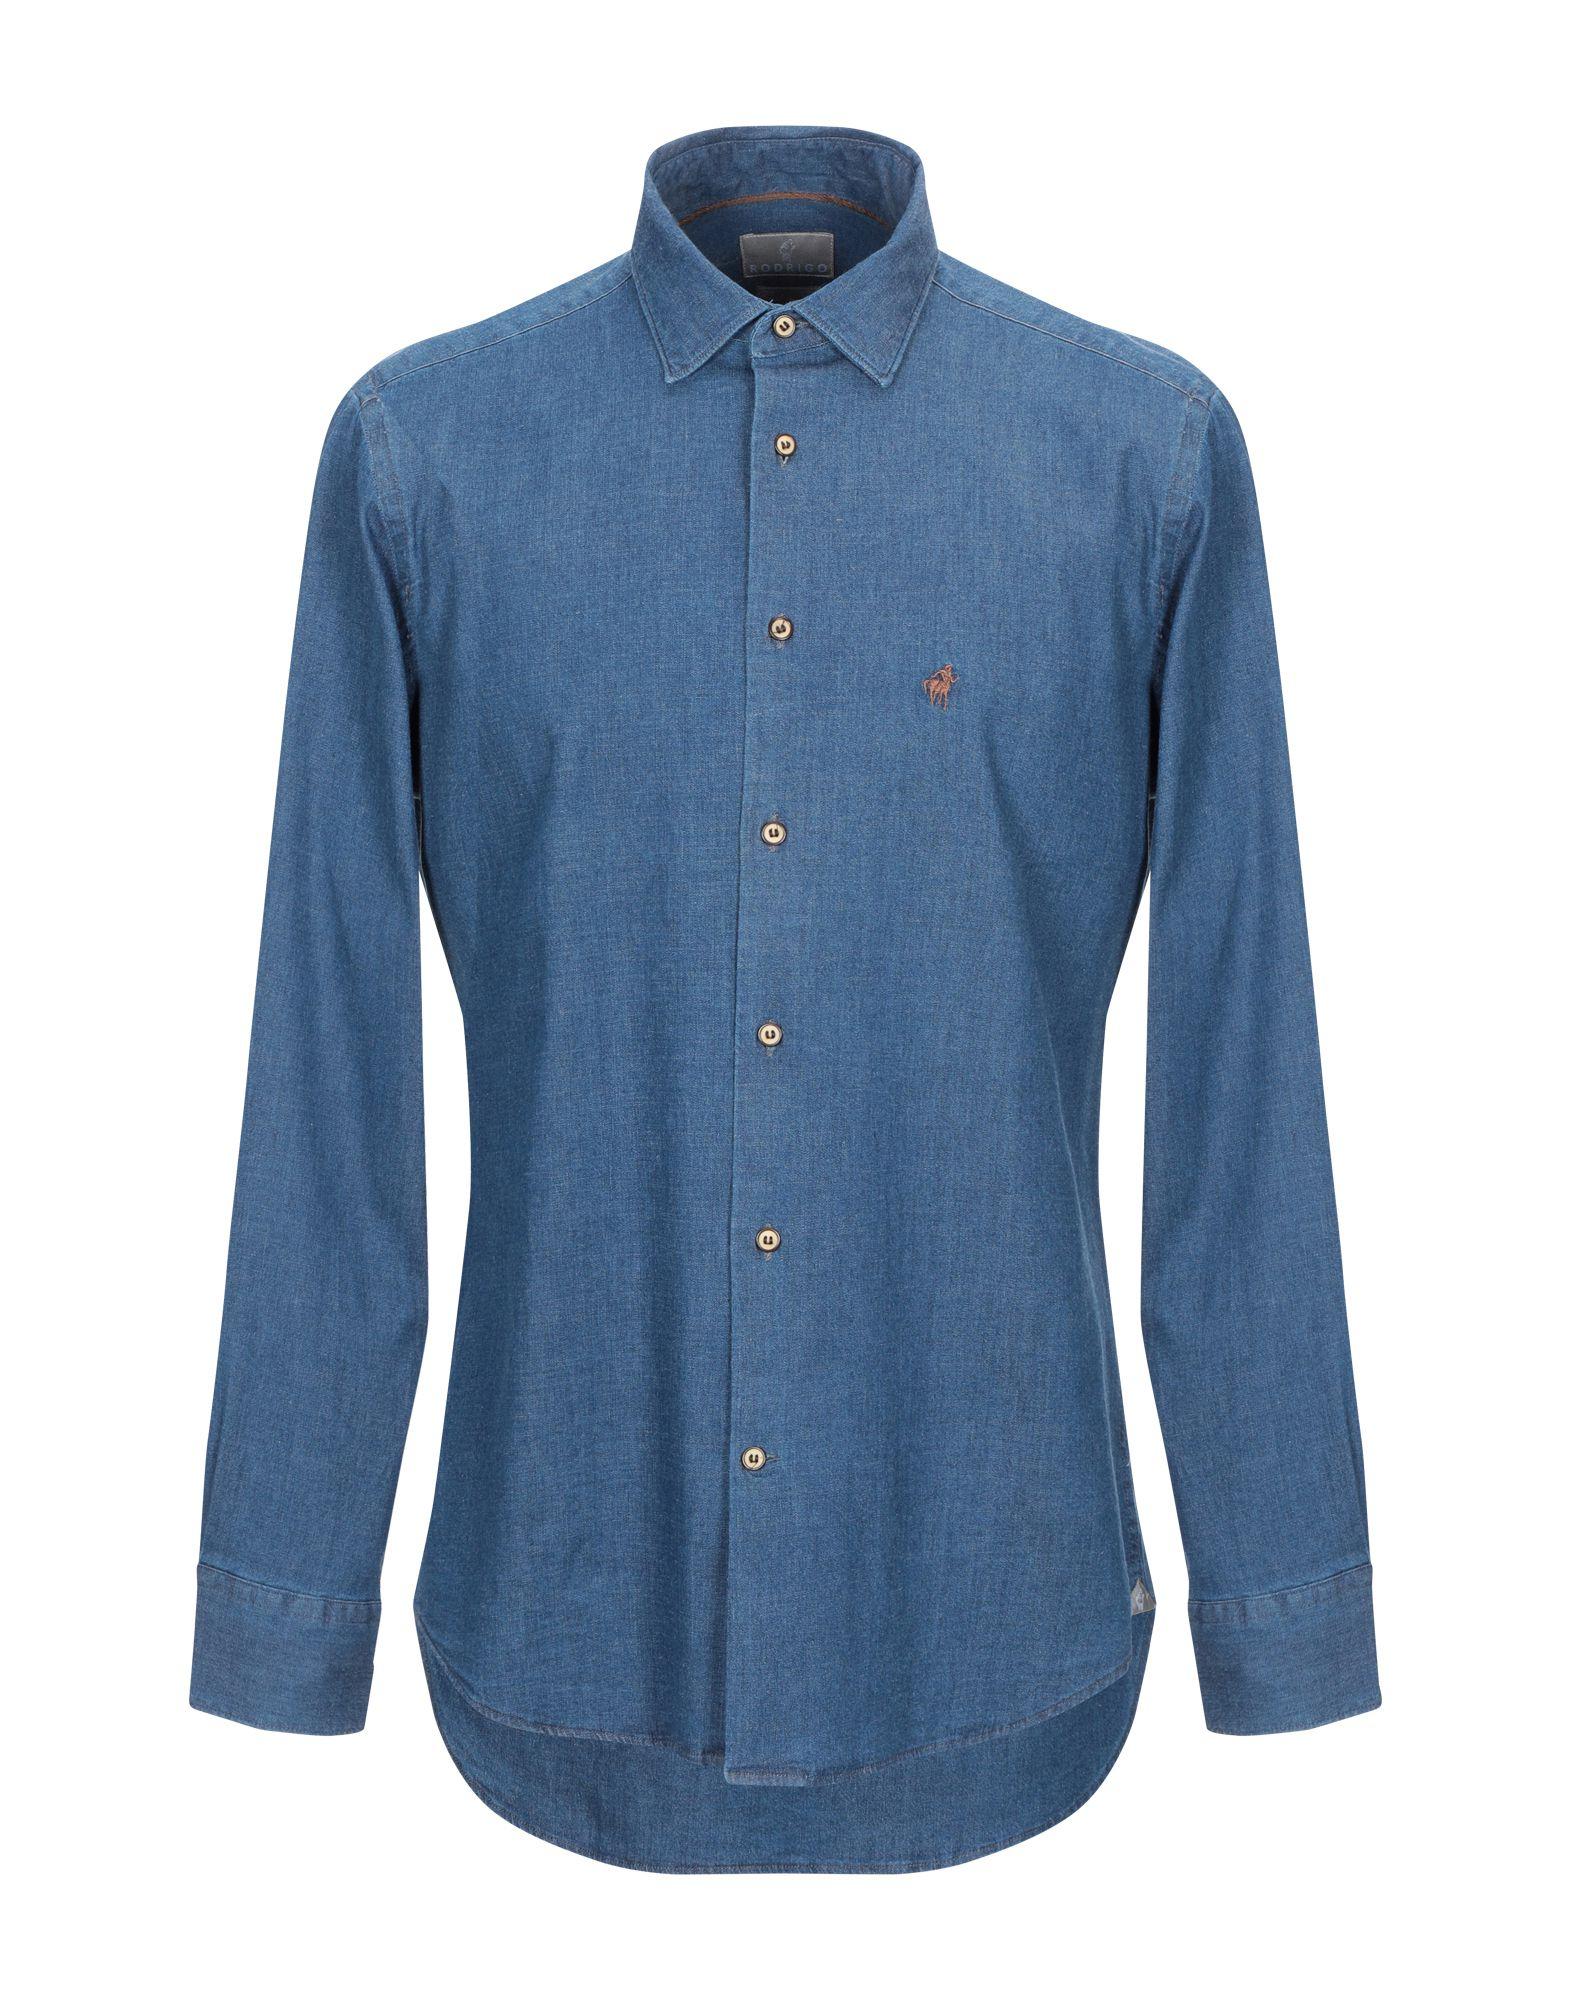 RODRIGO Джинсовая рубашка